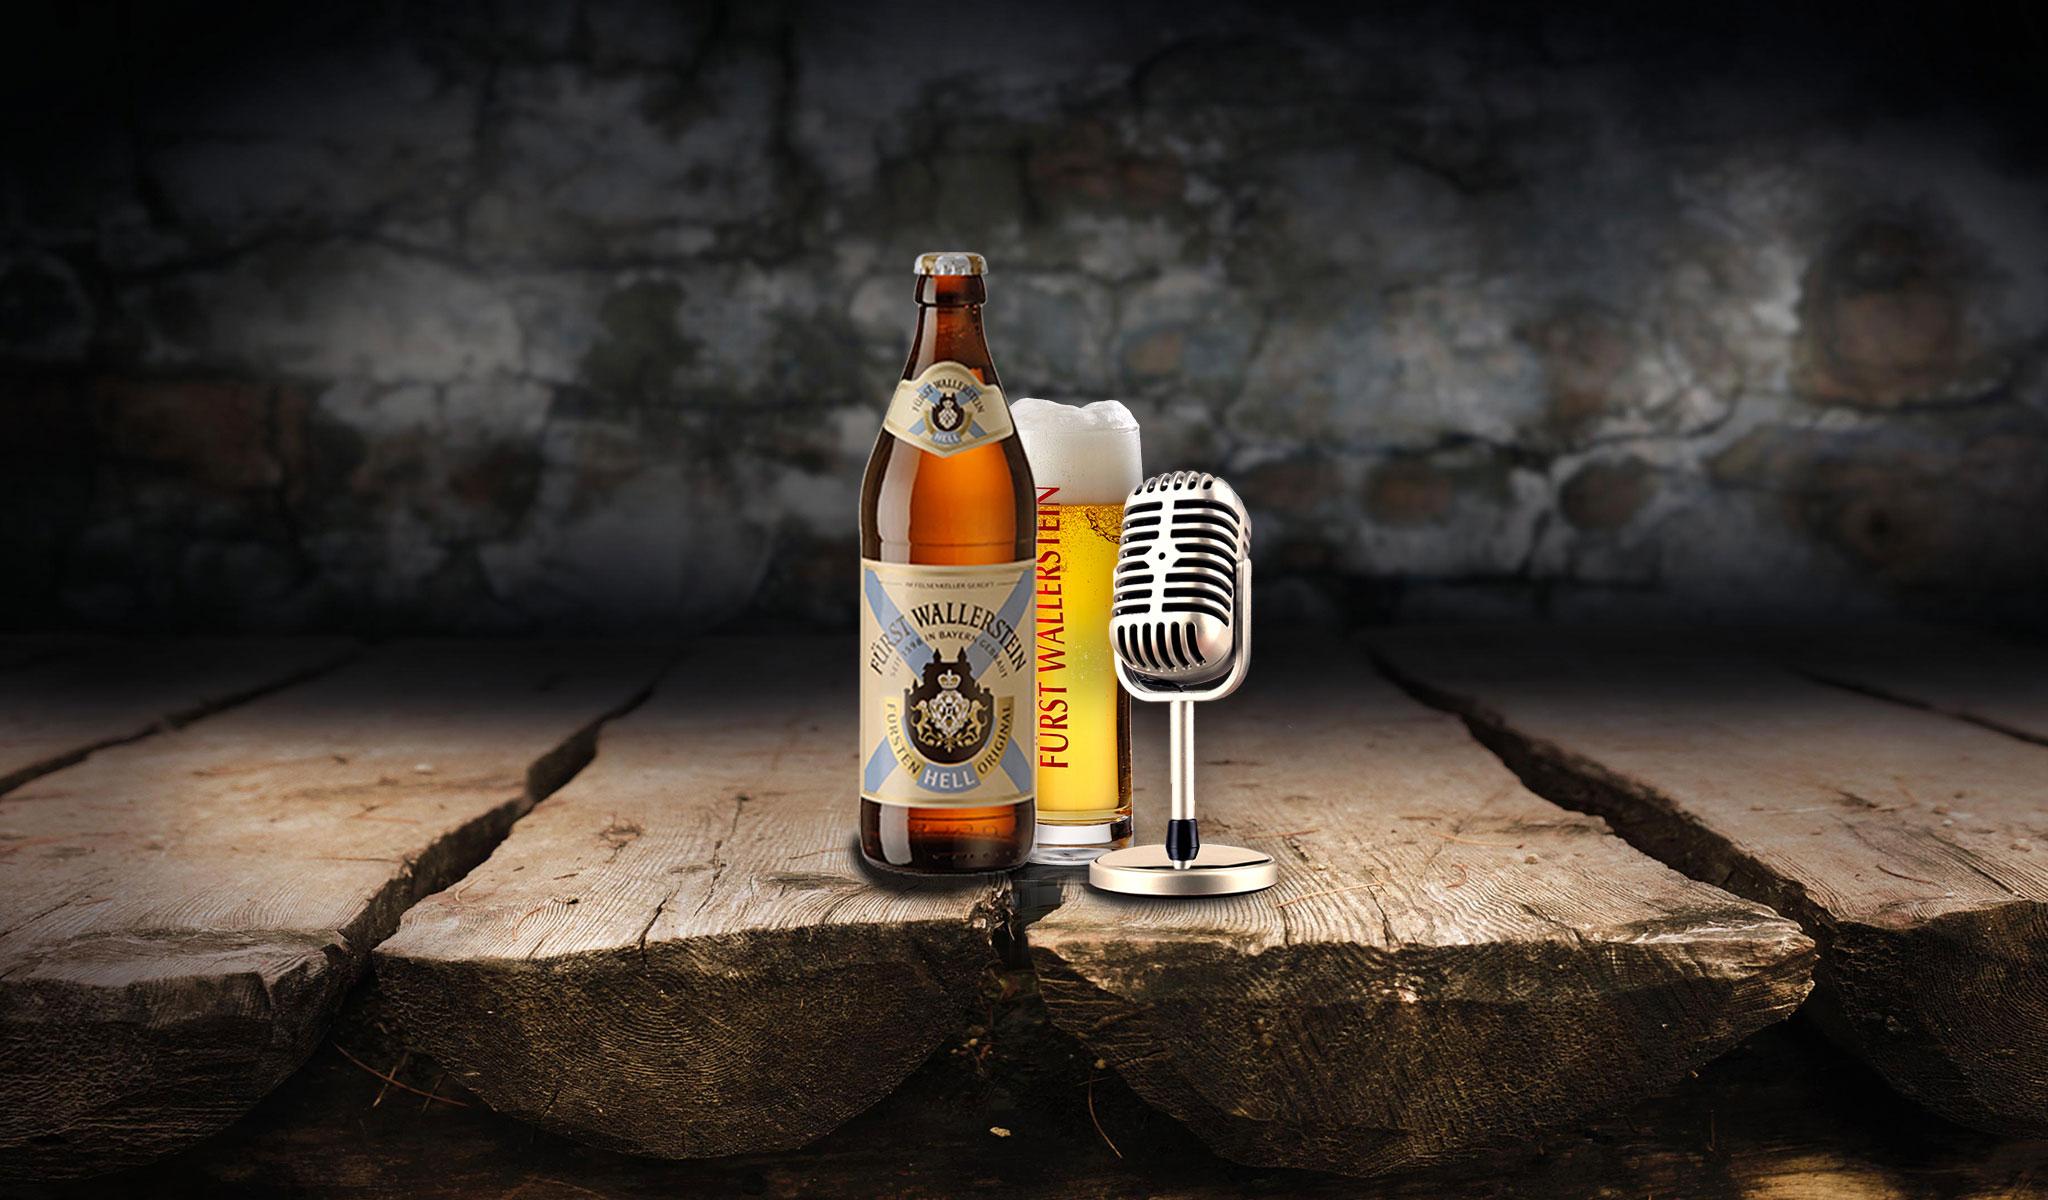 Bier-Talk Fürst Wallerstein